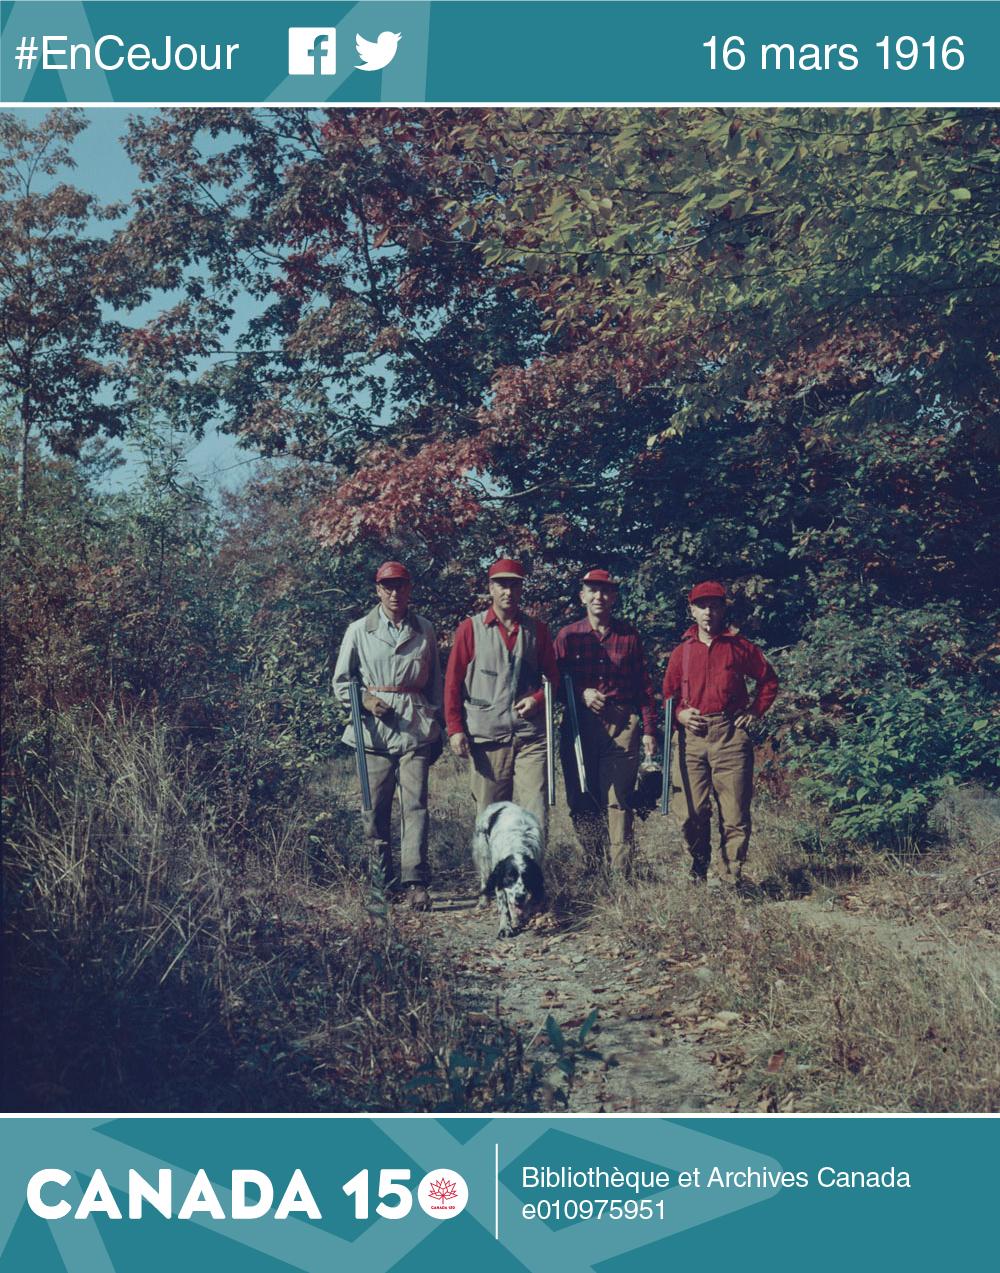 Le comté de Yarmouth en Nouvelle-Écosse est une des meilleures destinations pour la chasse aux oiseaux migrateurs dans les Maritimes. Ces chasseurs de la Pennsylvanie, comme de nombreux Américains, reviennent chasser chaque automne.